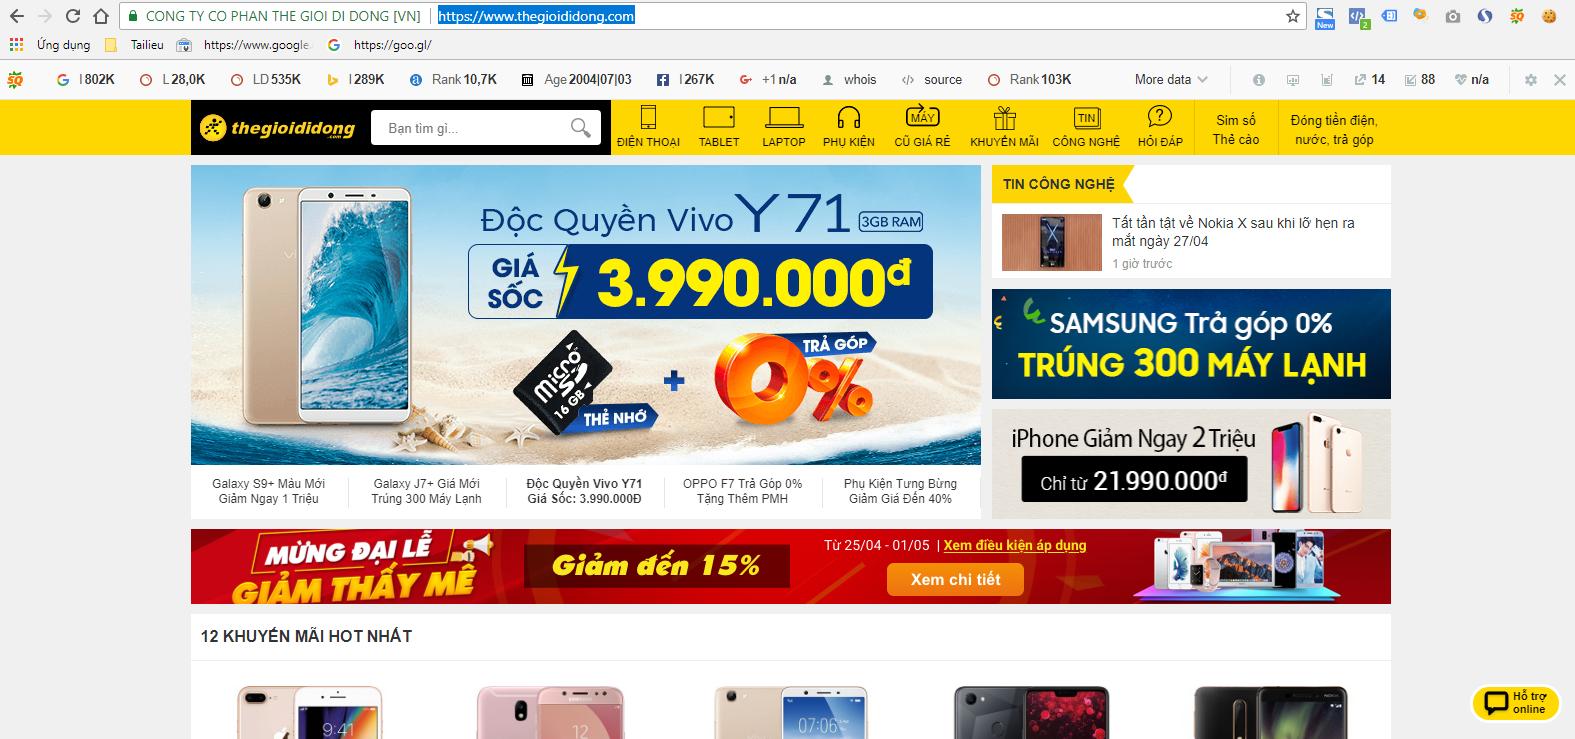 Top 3 các trang bán hàng online uy tín và nổi tiếng ở Việt Nam 3